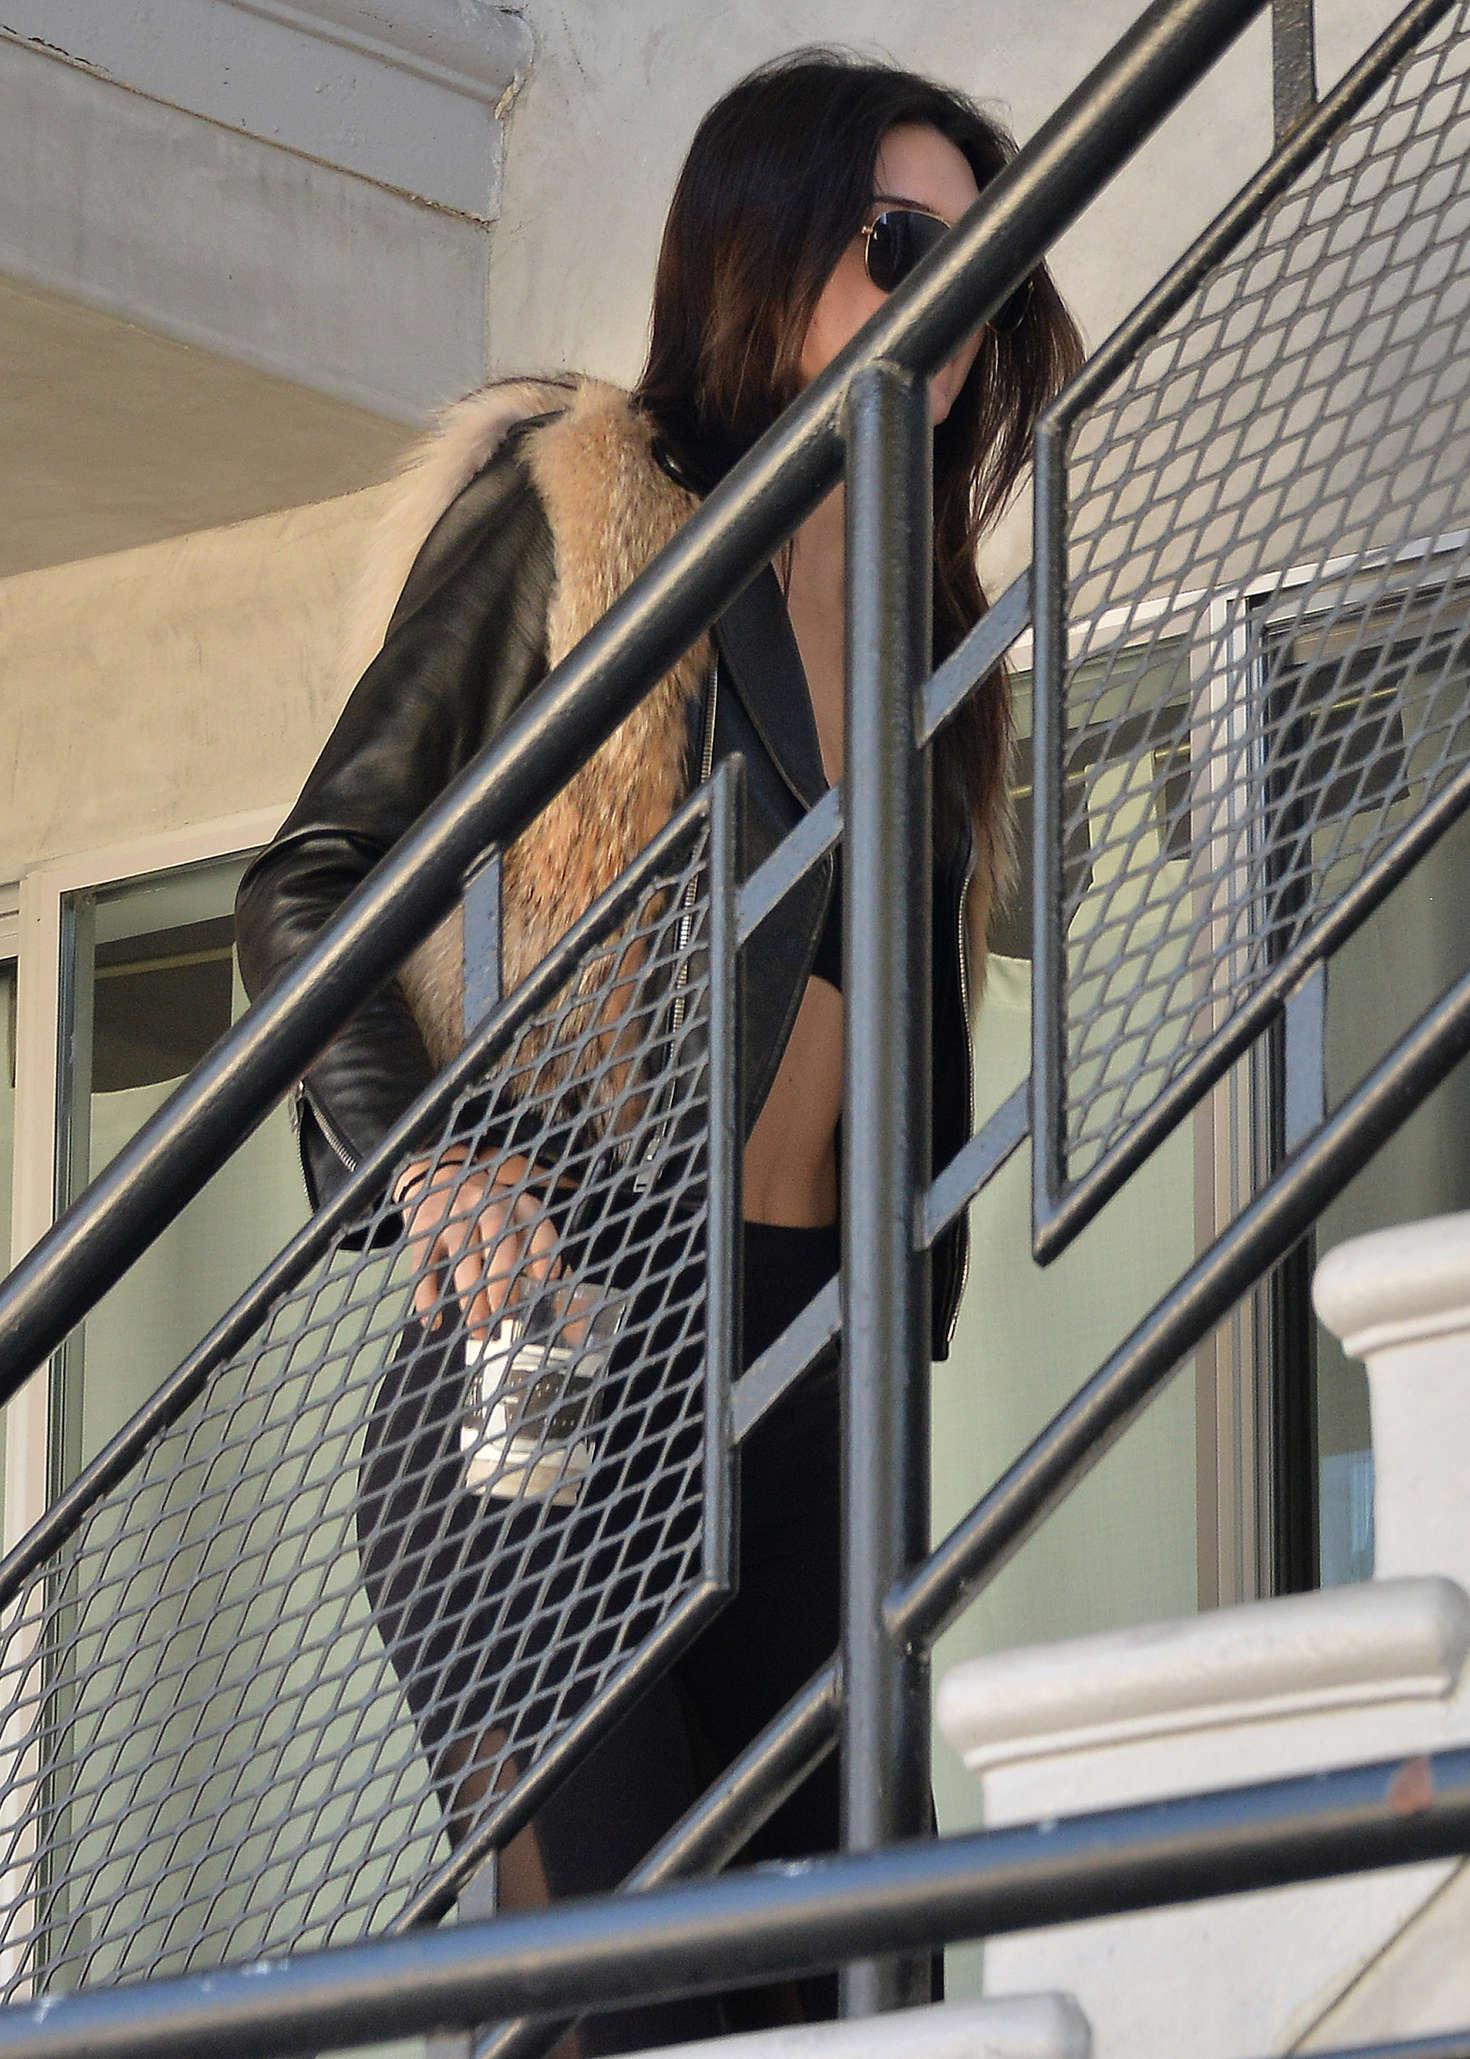 Kendall Jenner 2016 : Kendall Jenner in Leggings -73